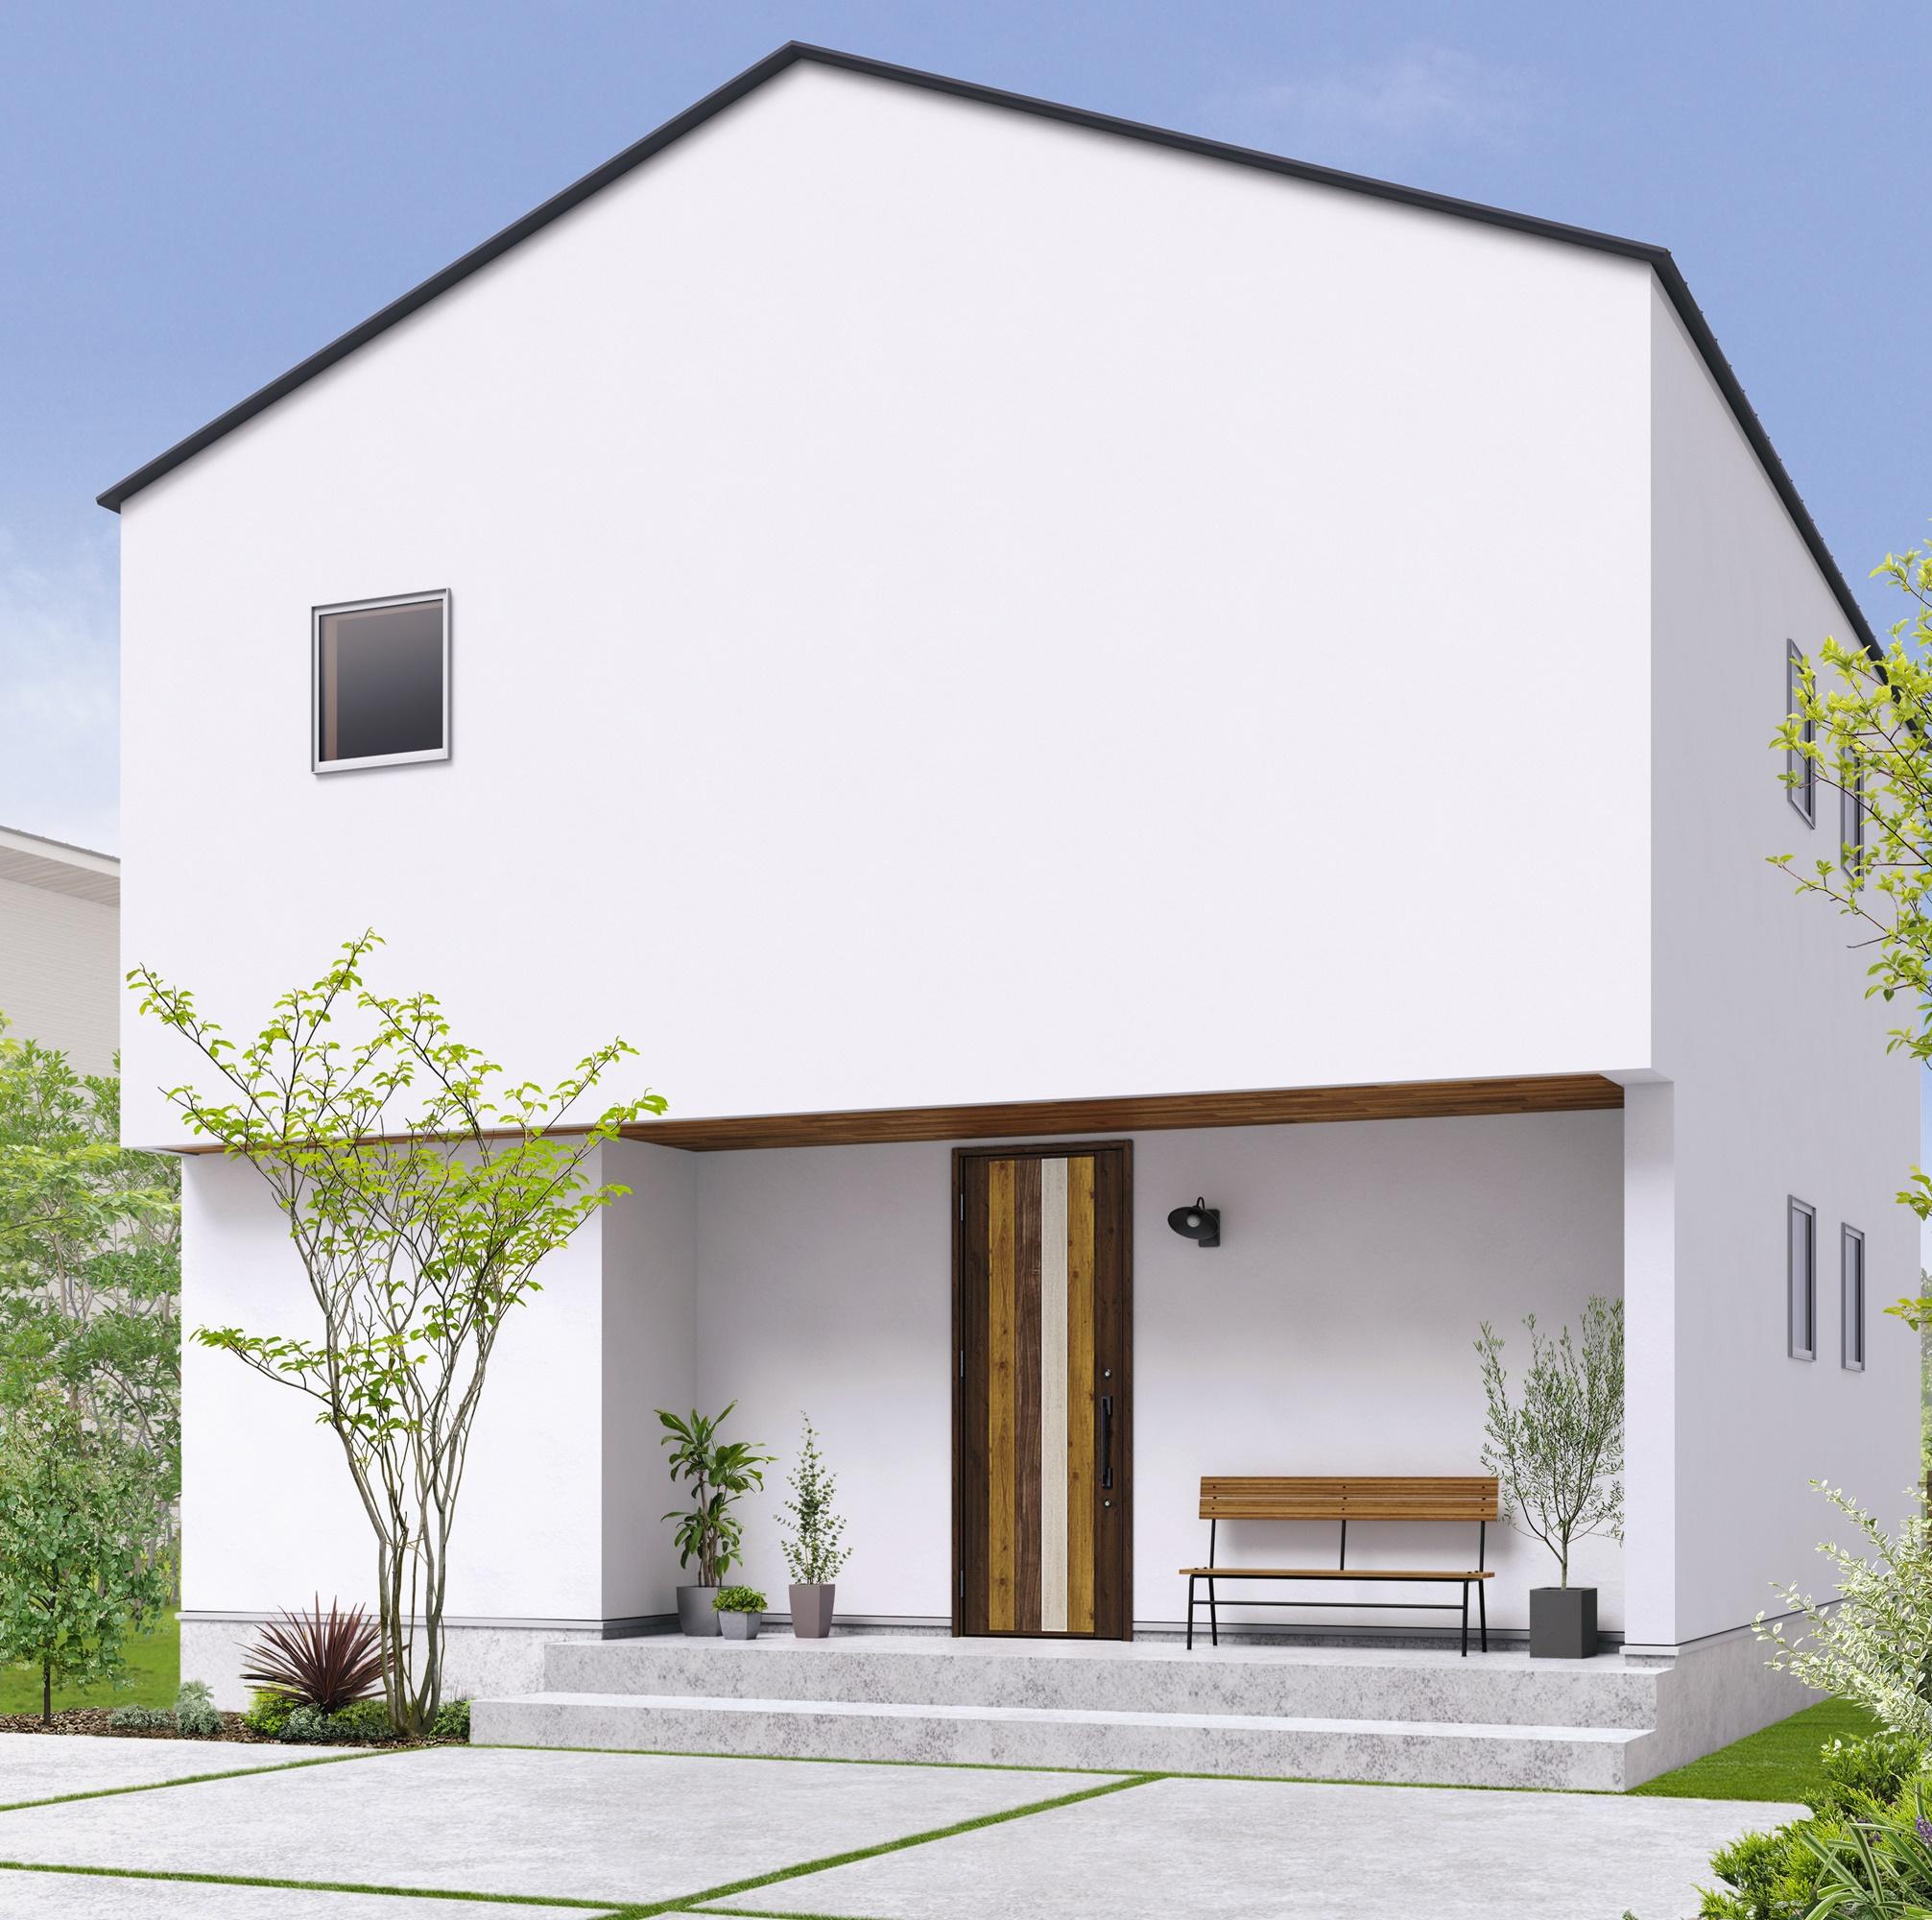 三協アルミ、玄関ドア「ファノーバ」に17種類の新デザイン